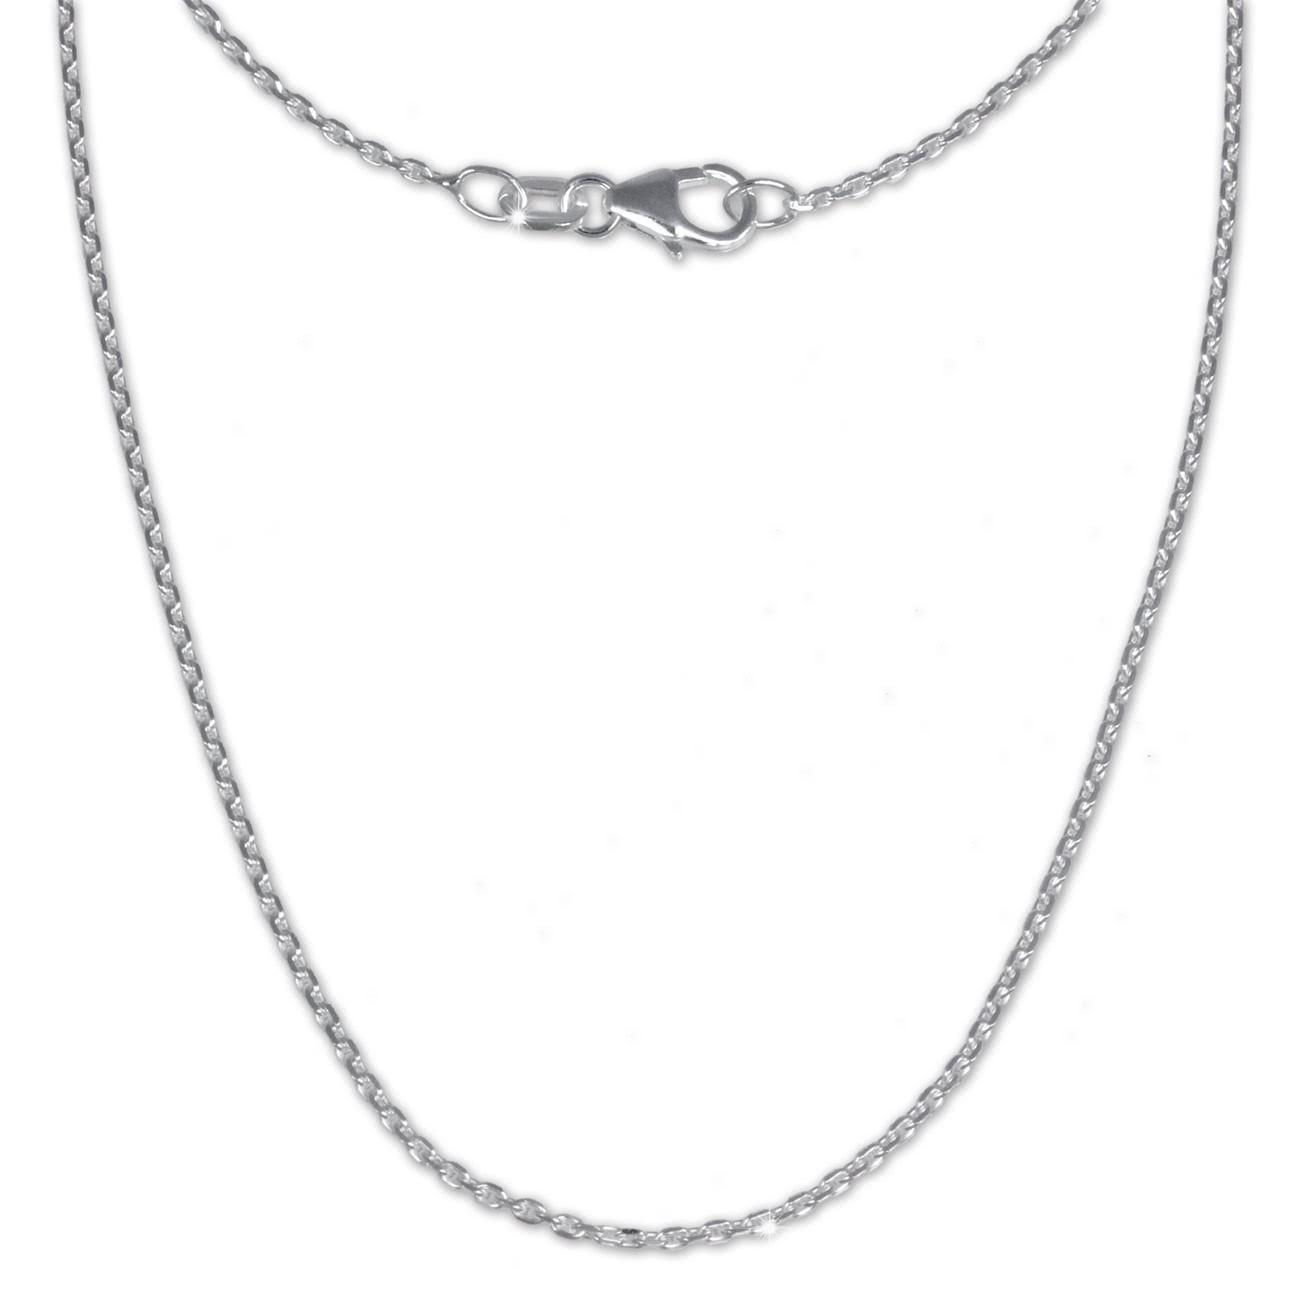 SilberDream Ankerkette fein 925er Silber Halskette 60cm Kette SDK21160